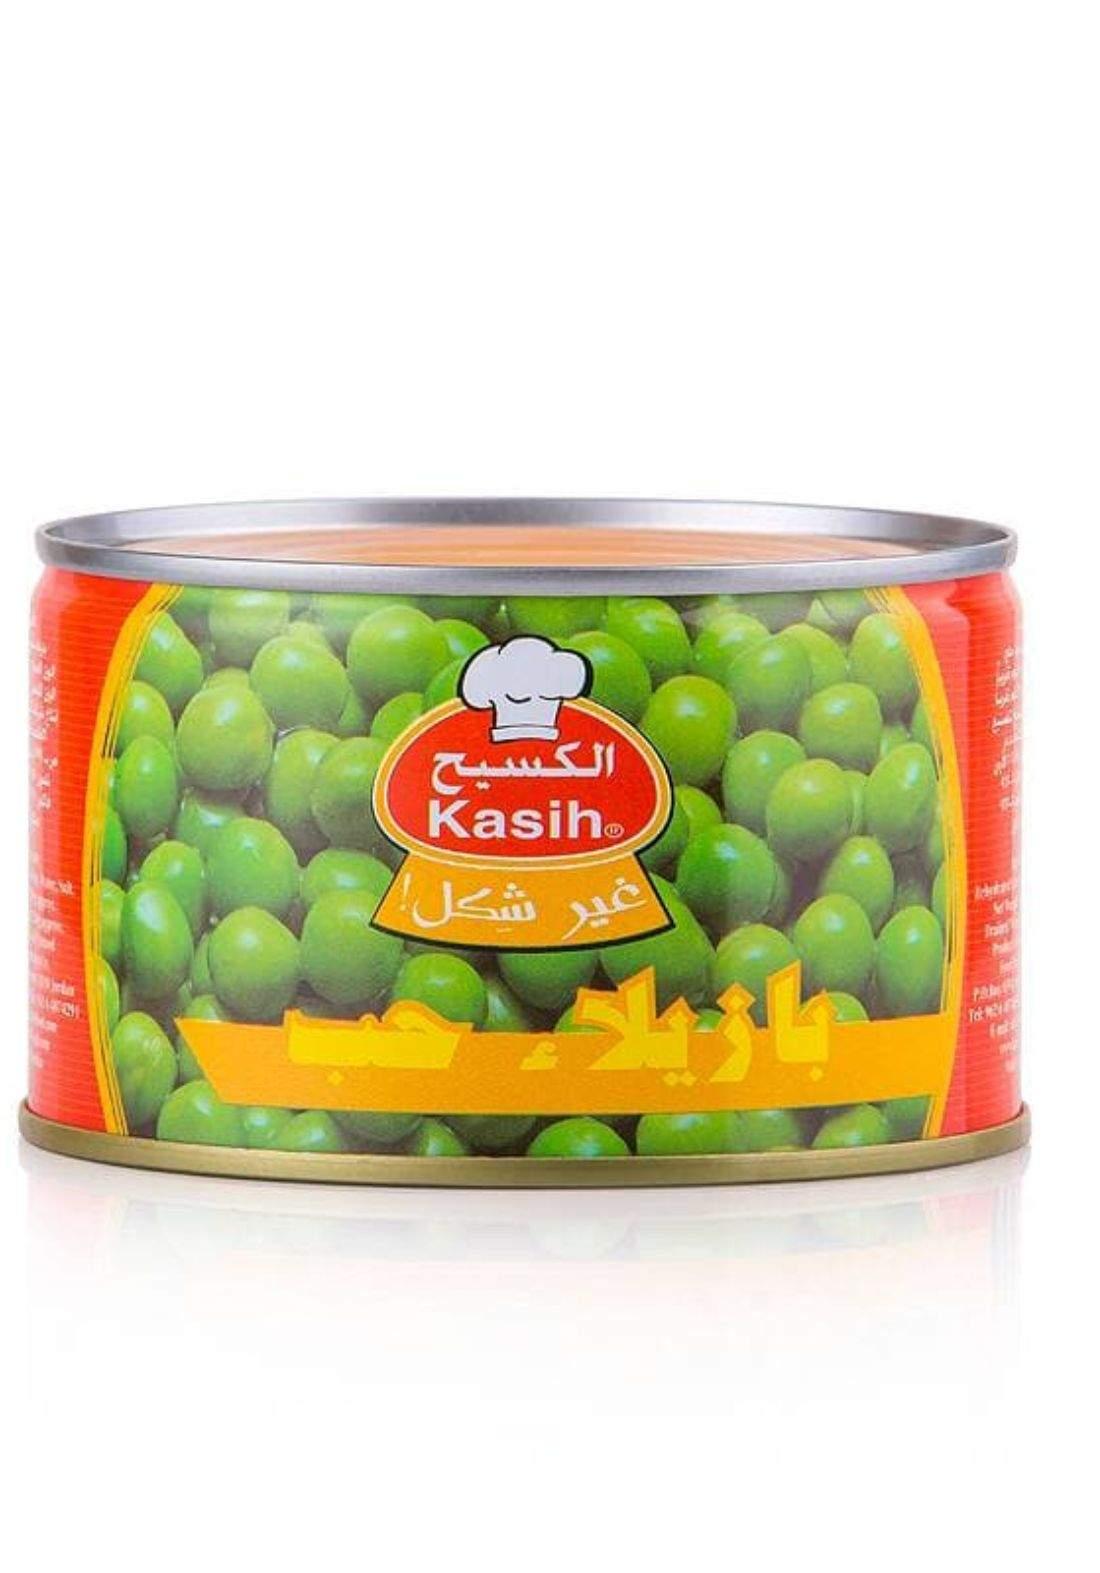 Kasih green peas 400g الكسيح بازلاء حب